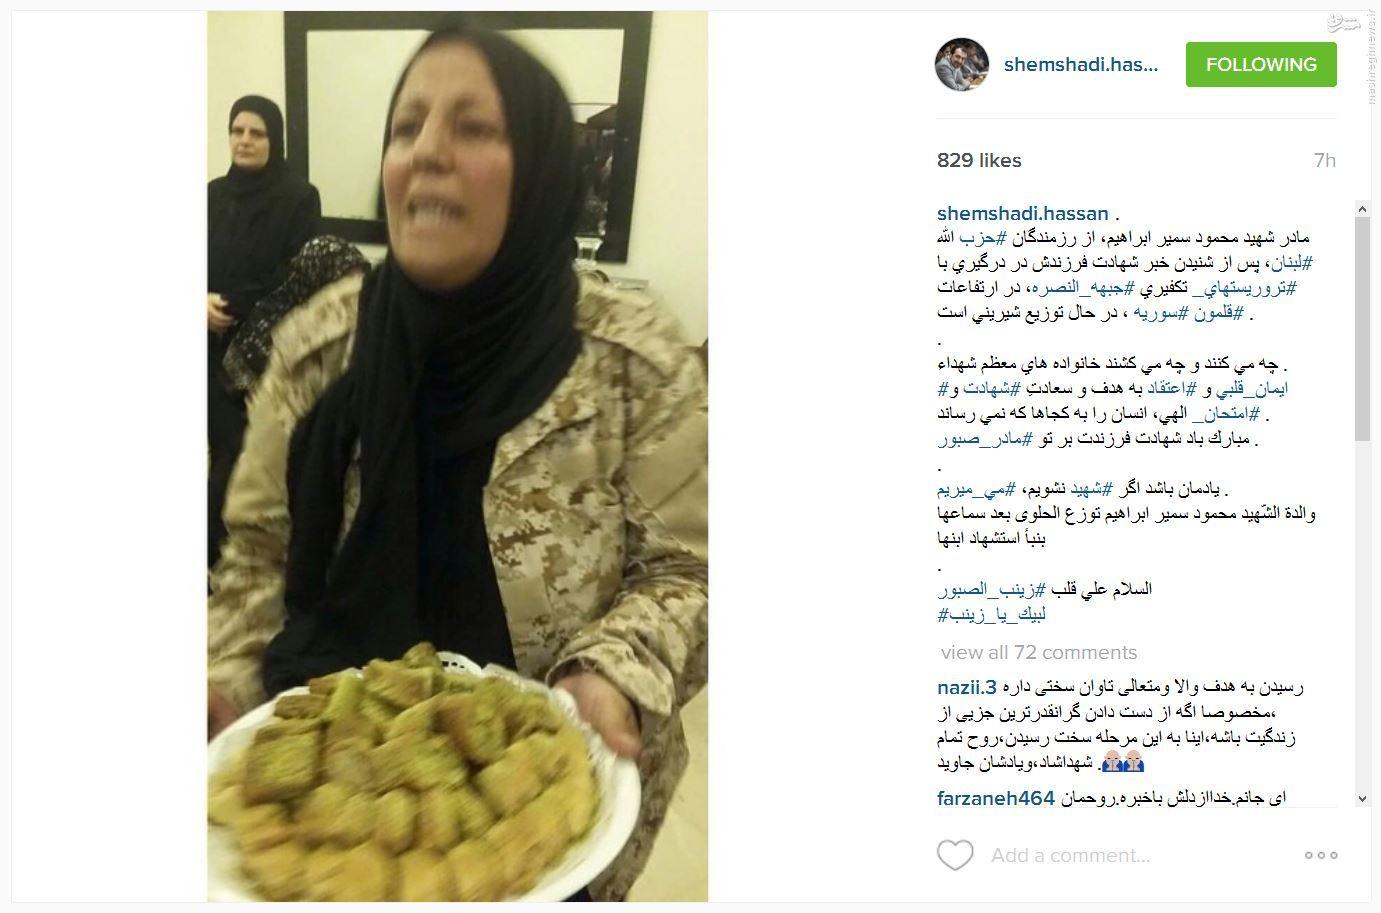 مادری که شیرینی شهادت پسرش را پخش کرد+عکس